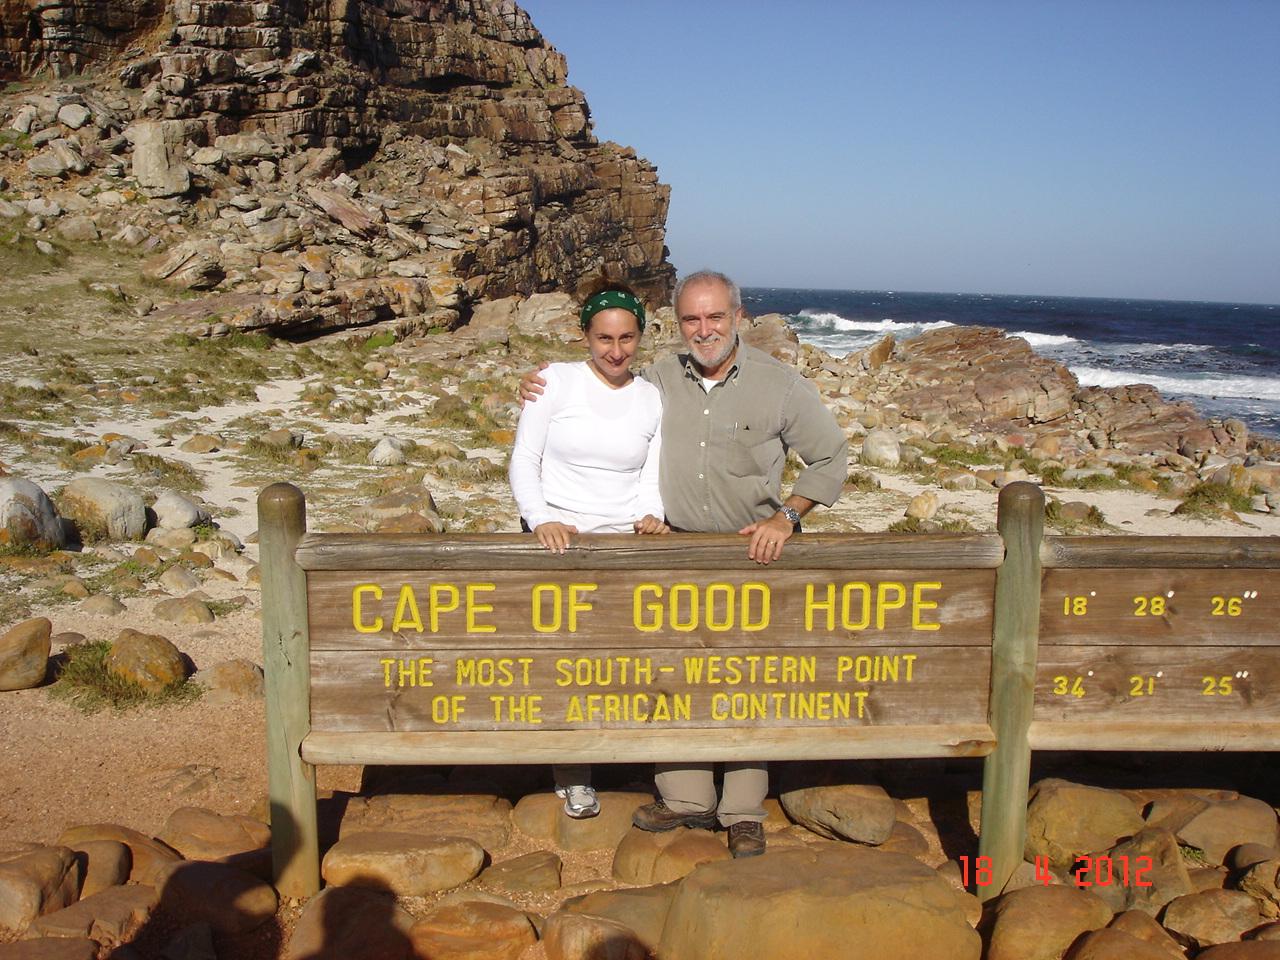 193 Frica Do Sul De Stellenbosch A Cape Town Viagens Por A 237